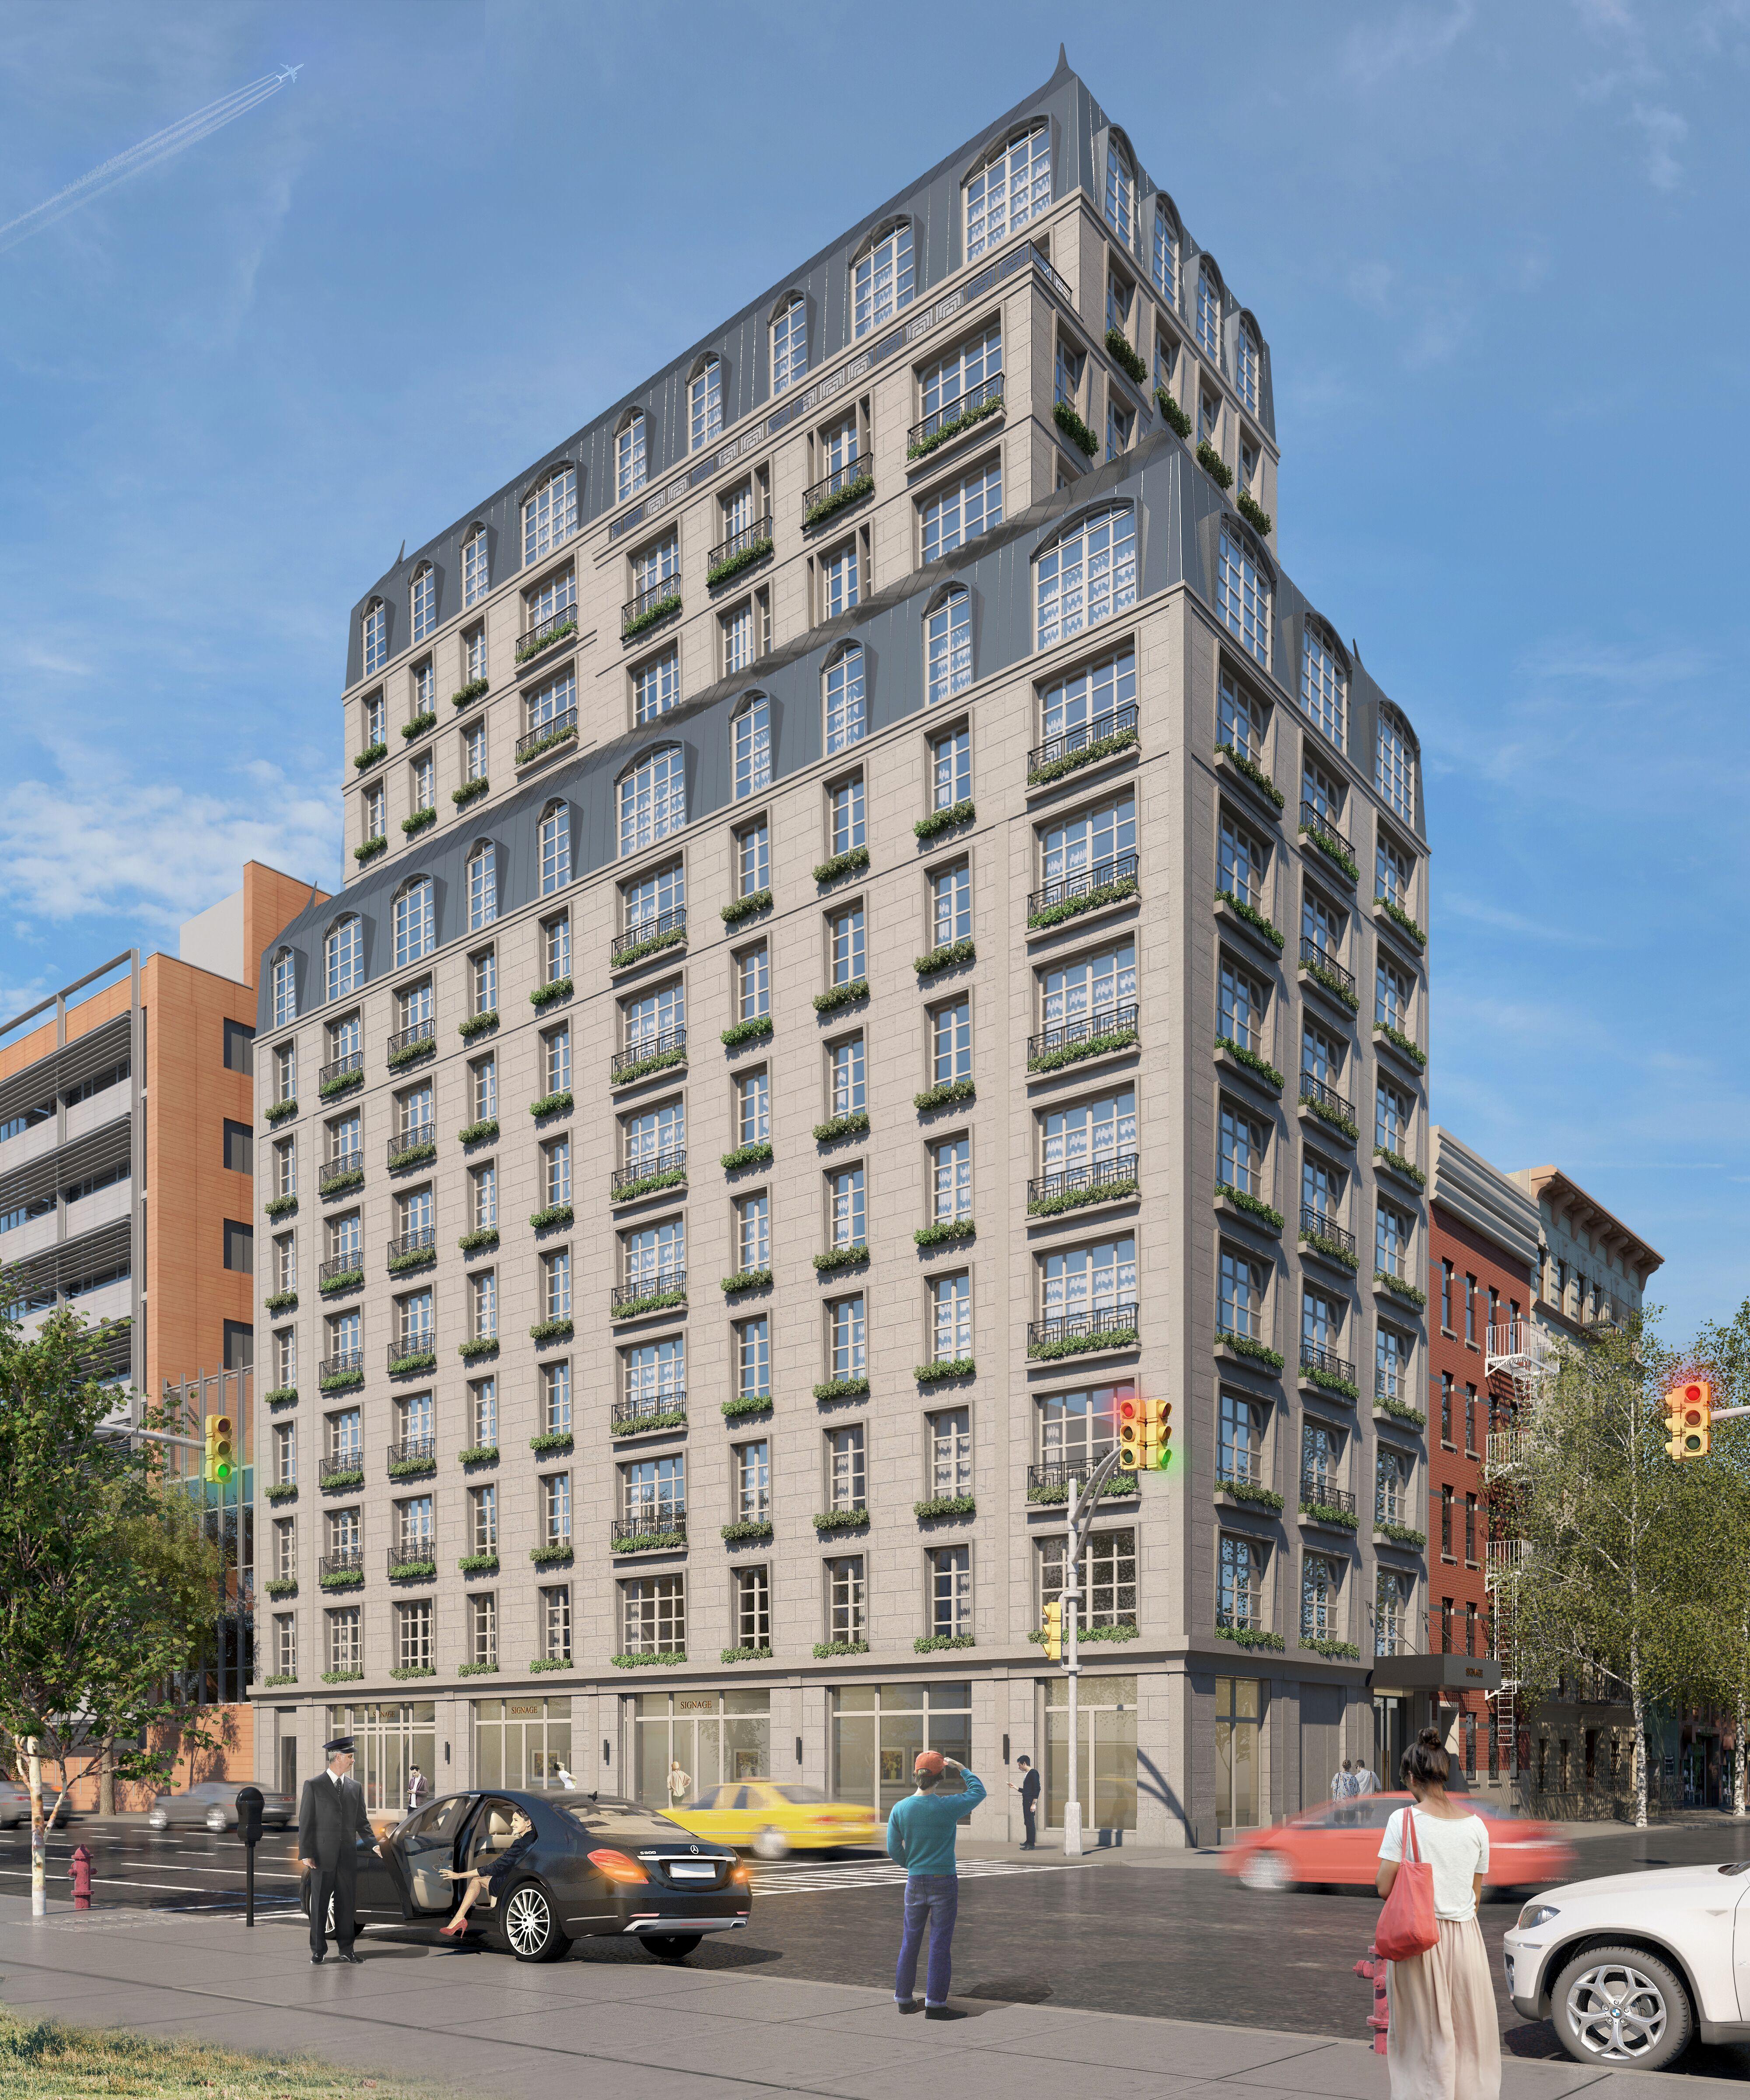 359 2nd Avenue - New York, NY